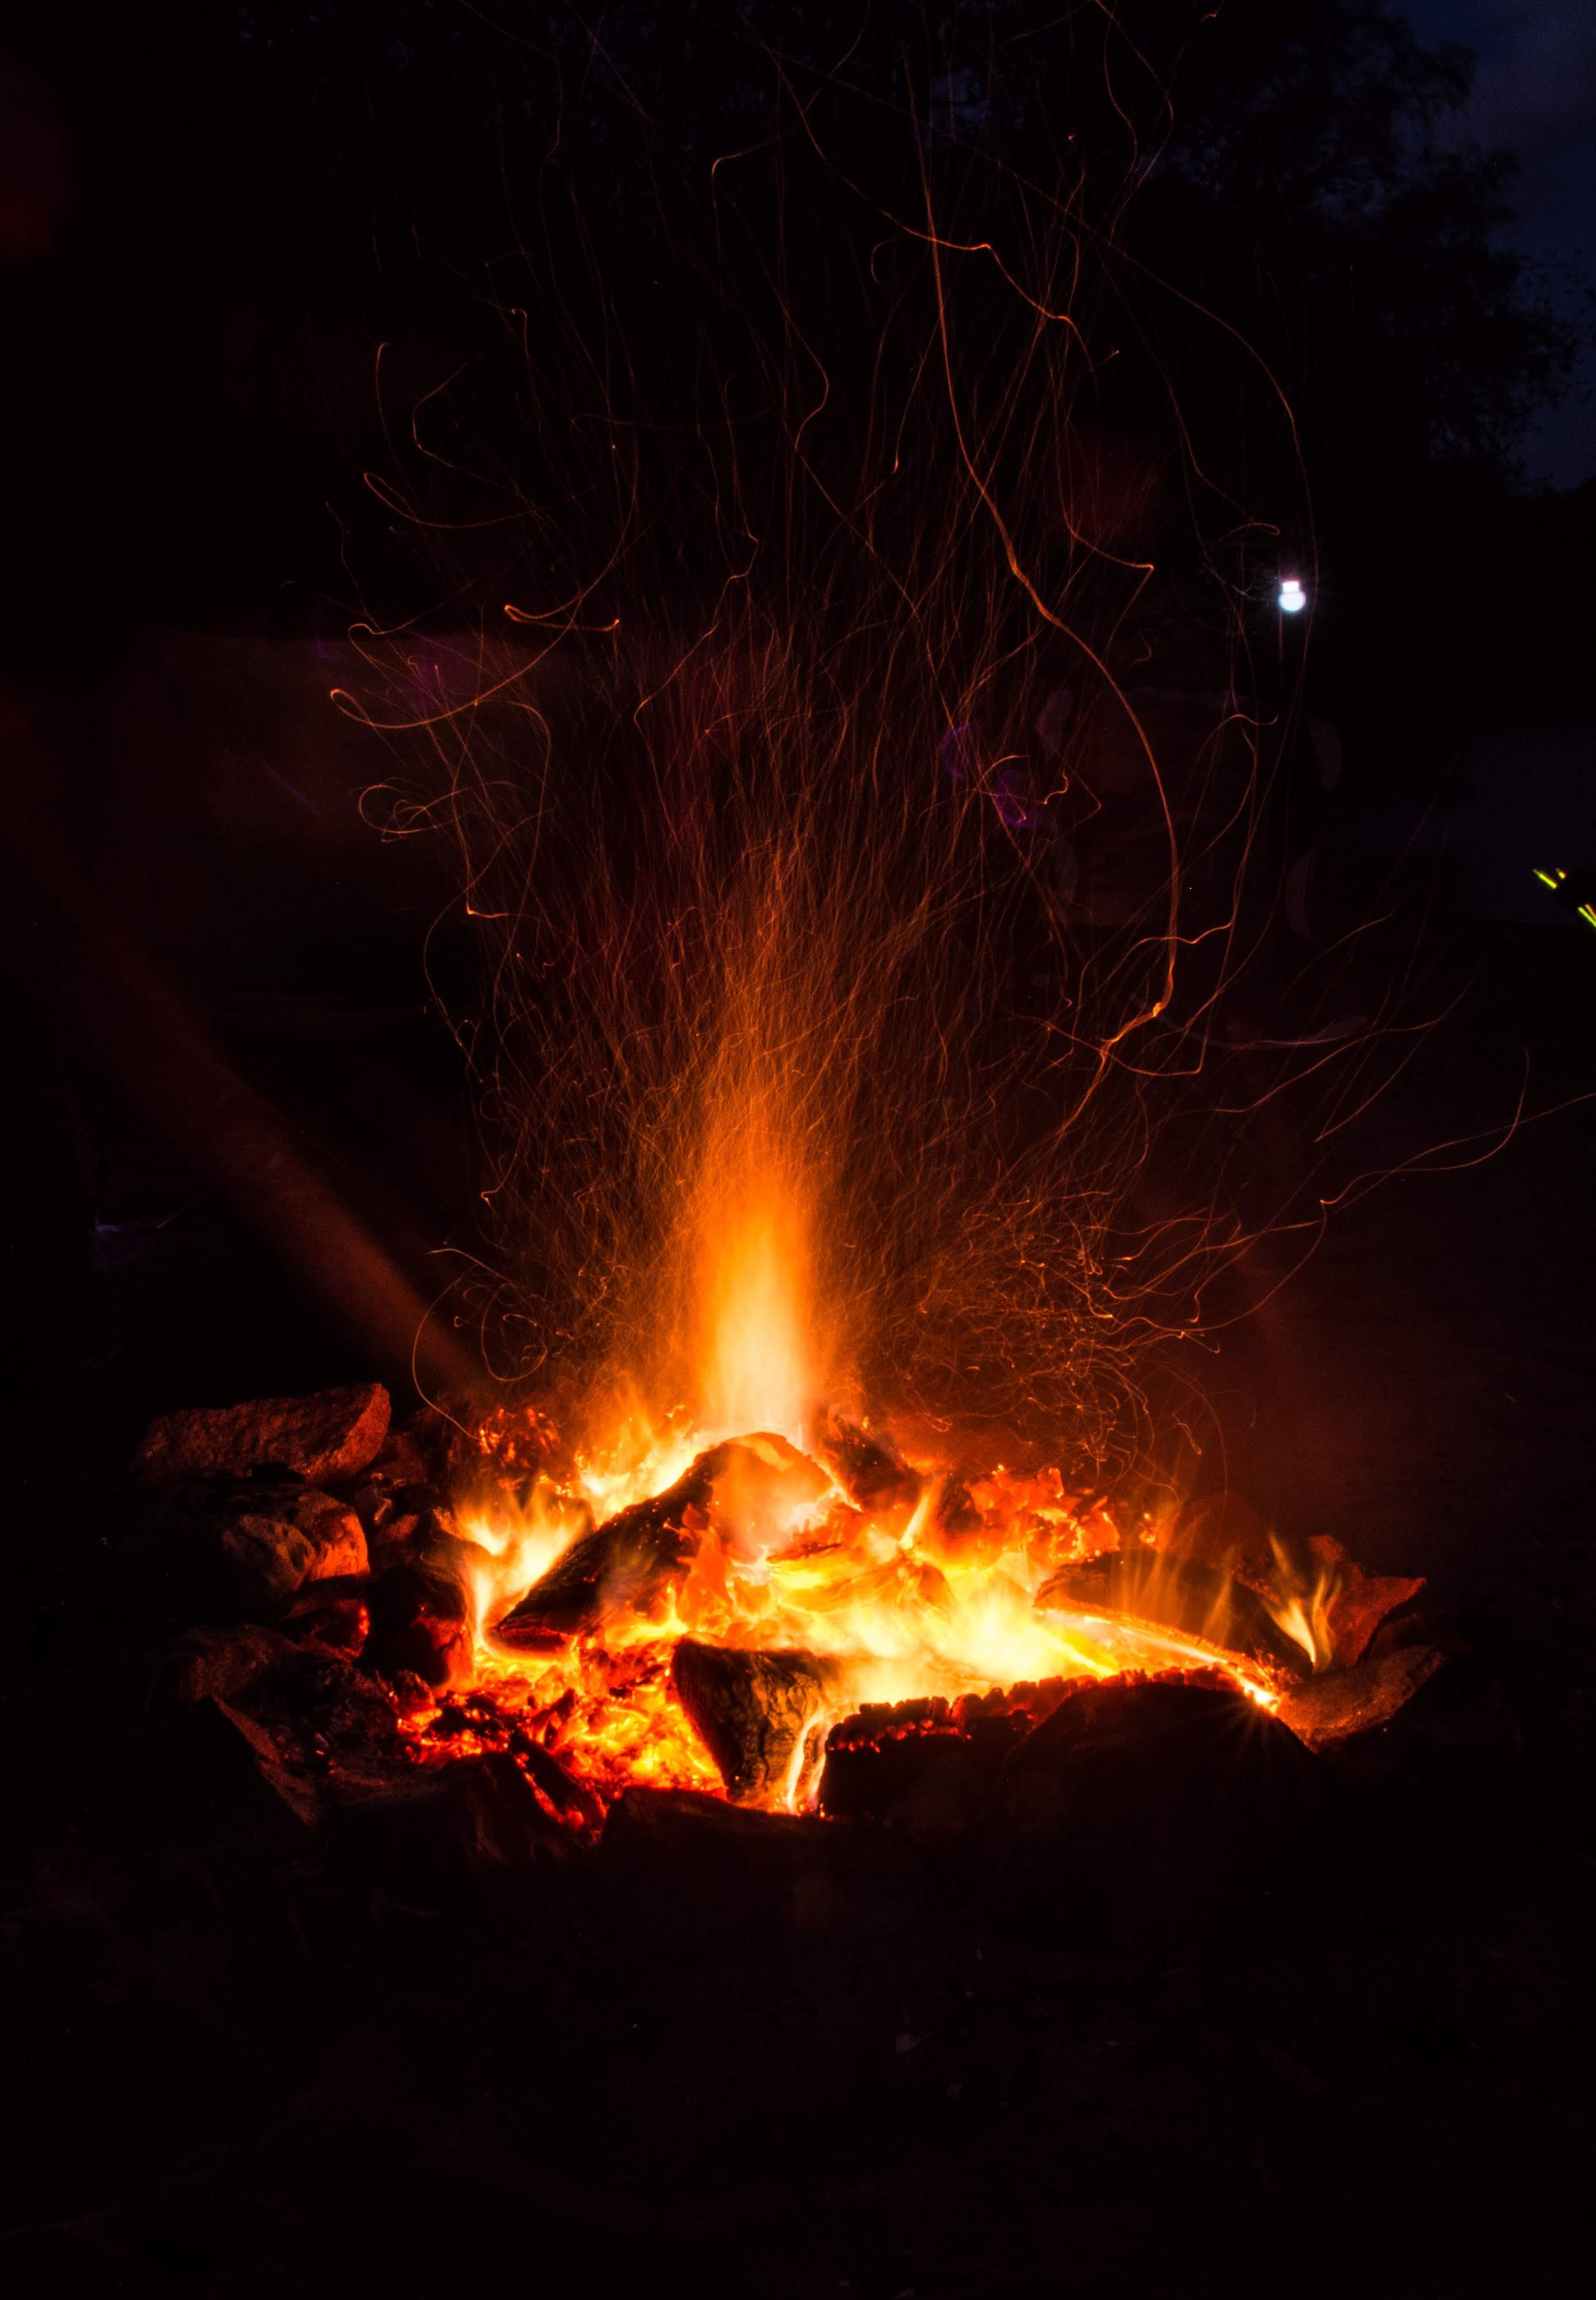 Camp Fire at Rannoch Loch